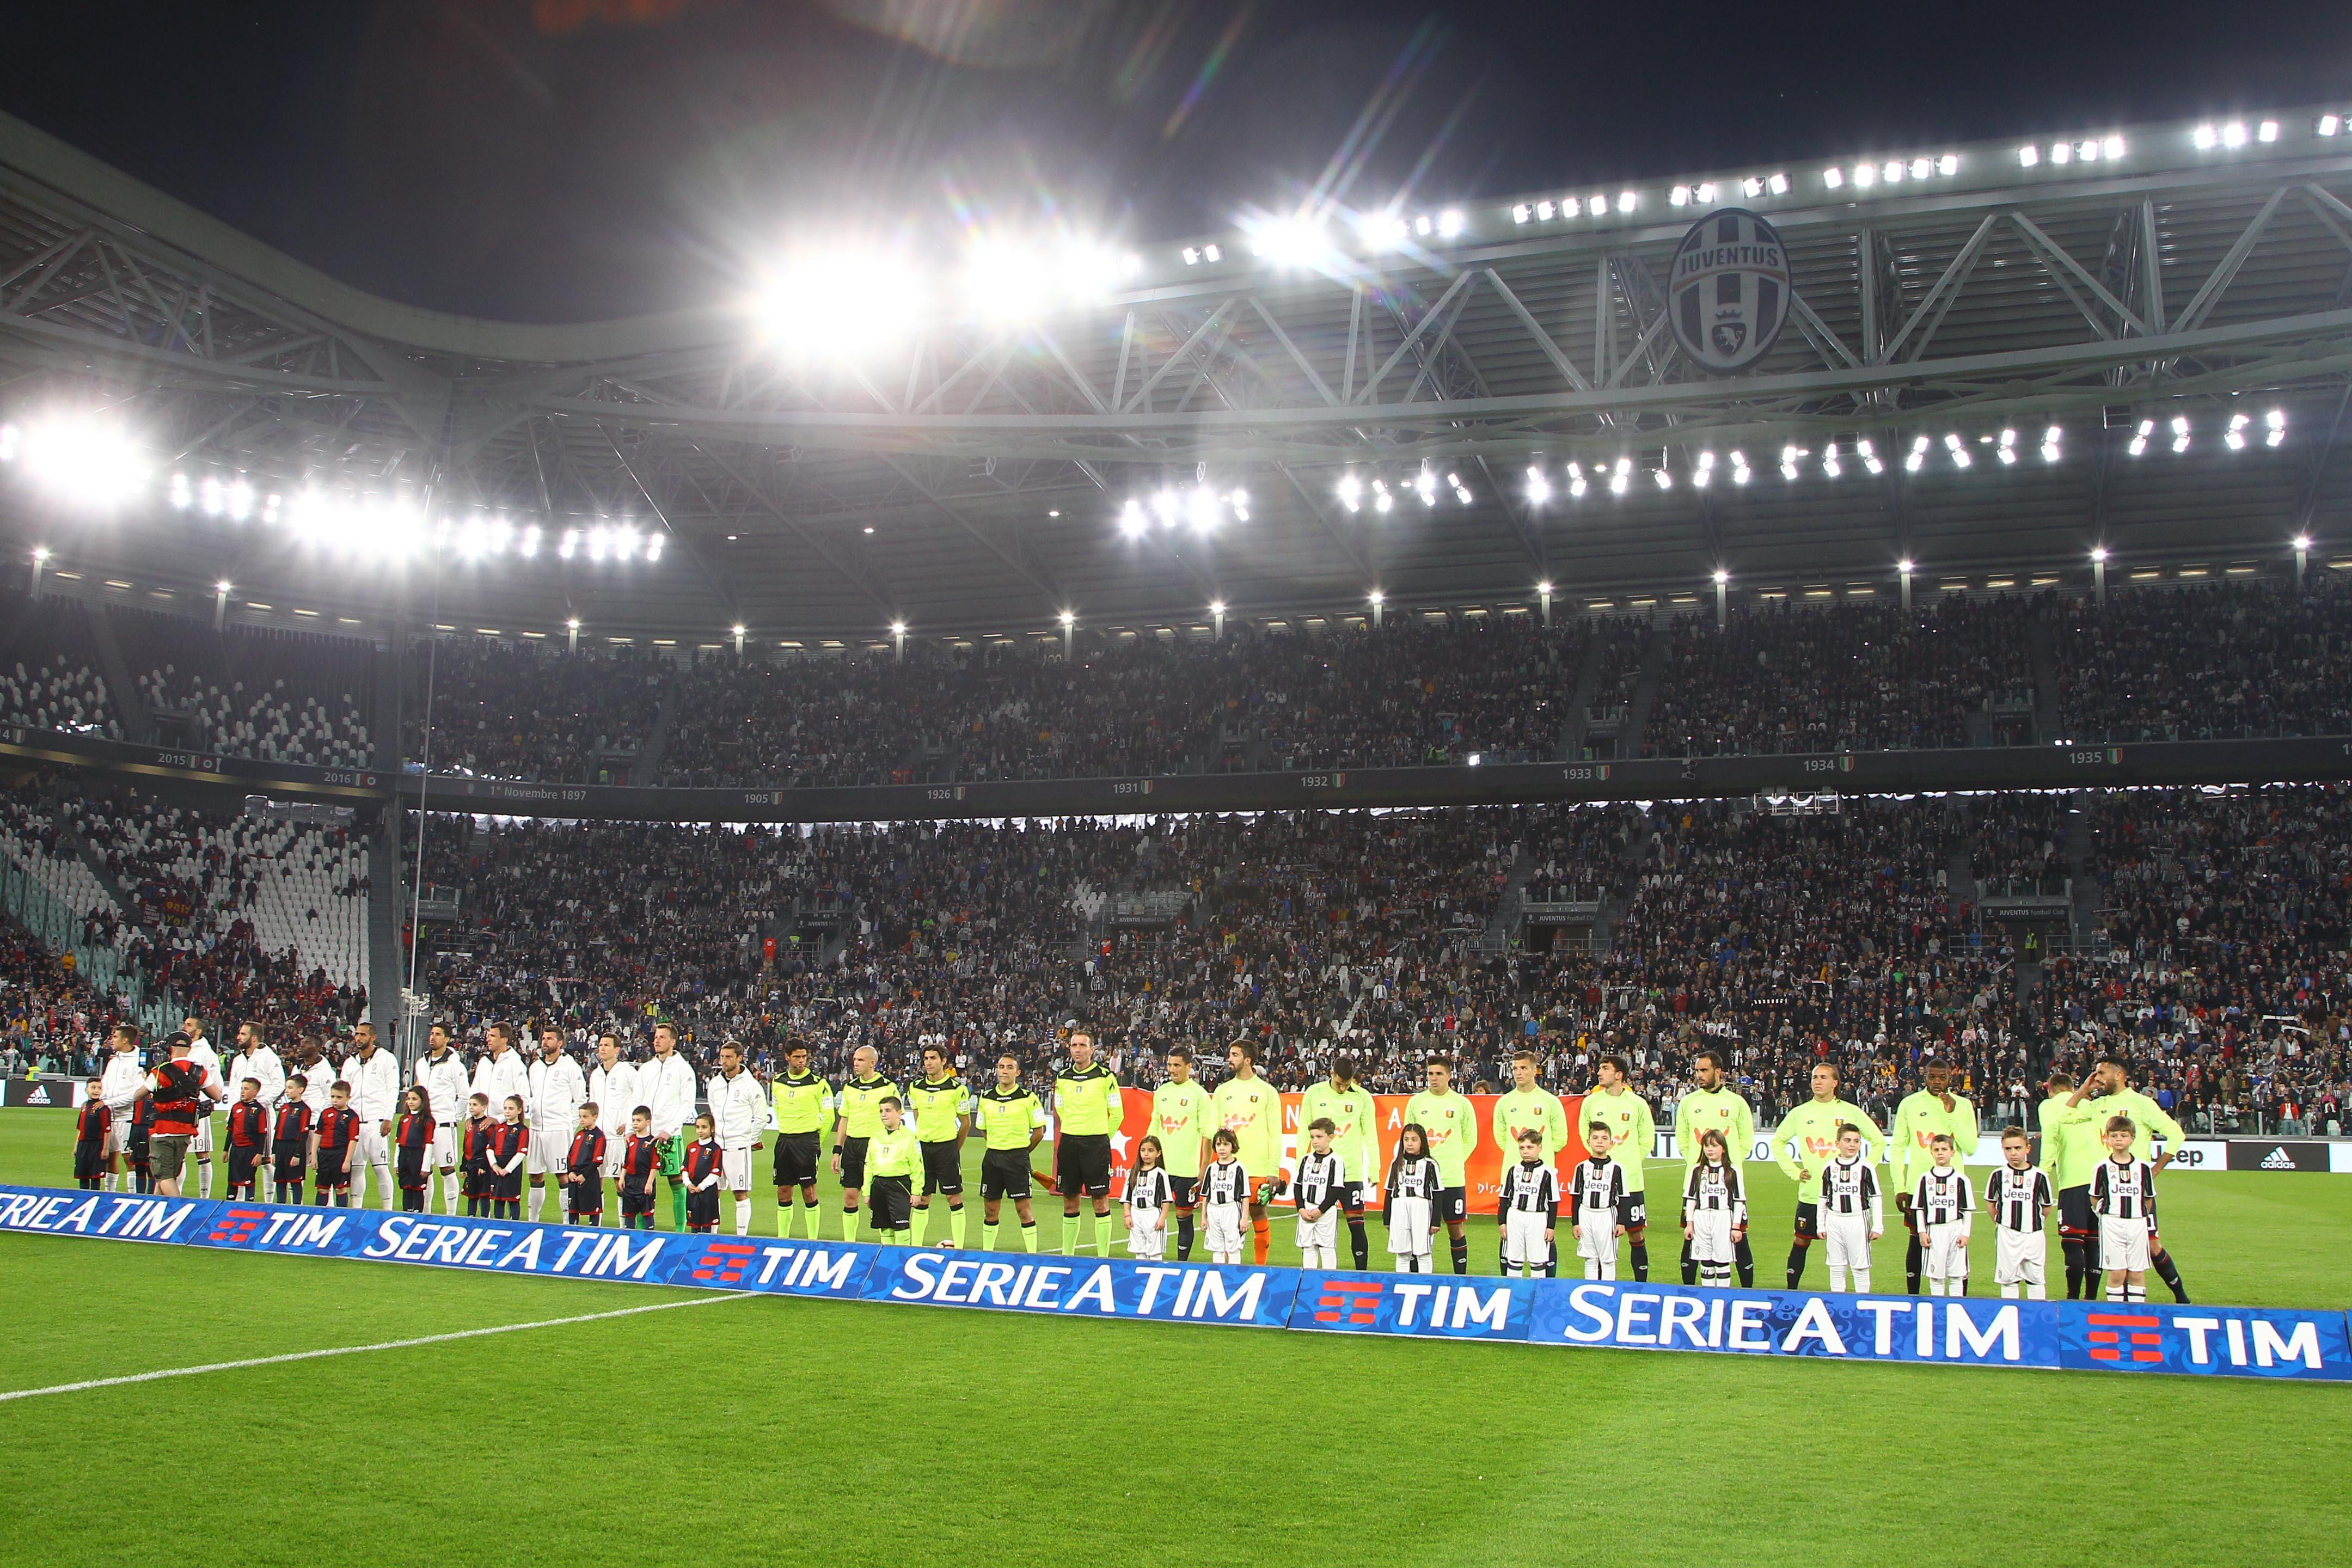 Calendario Serie A Su Sky.Orario Sorteggio Calendario Serie A 2018 2019 Data E